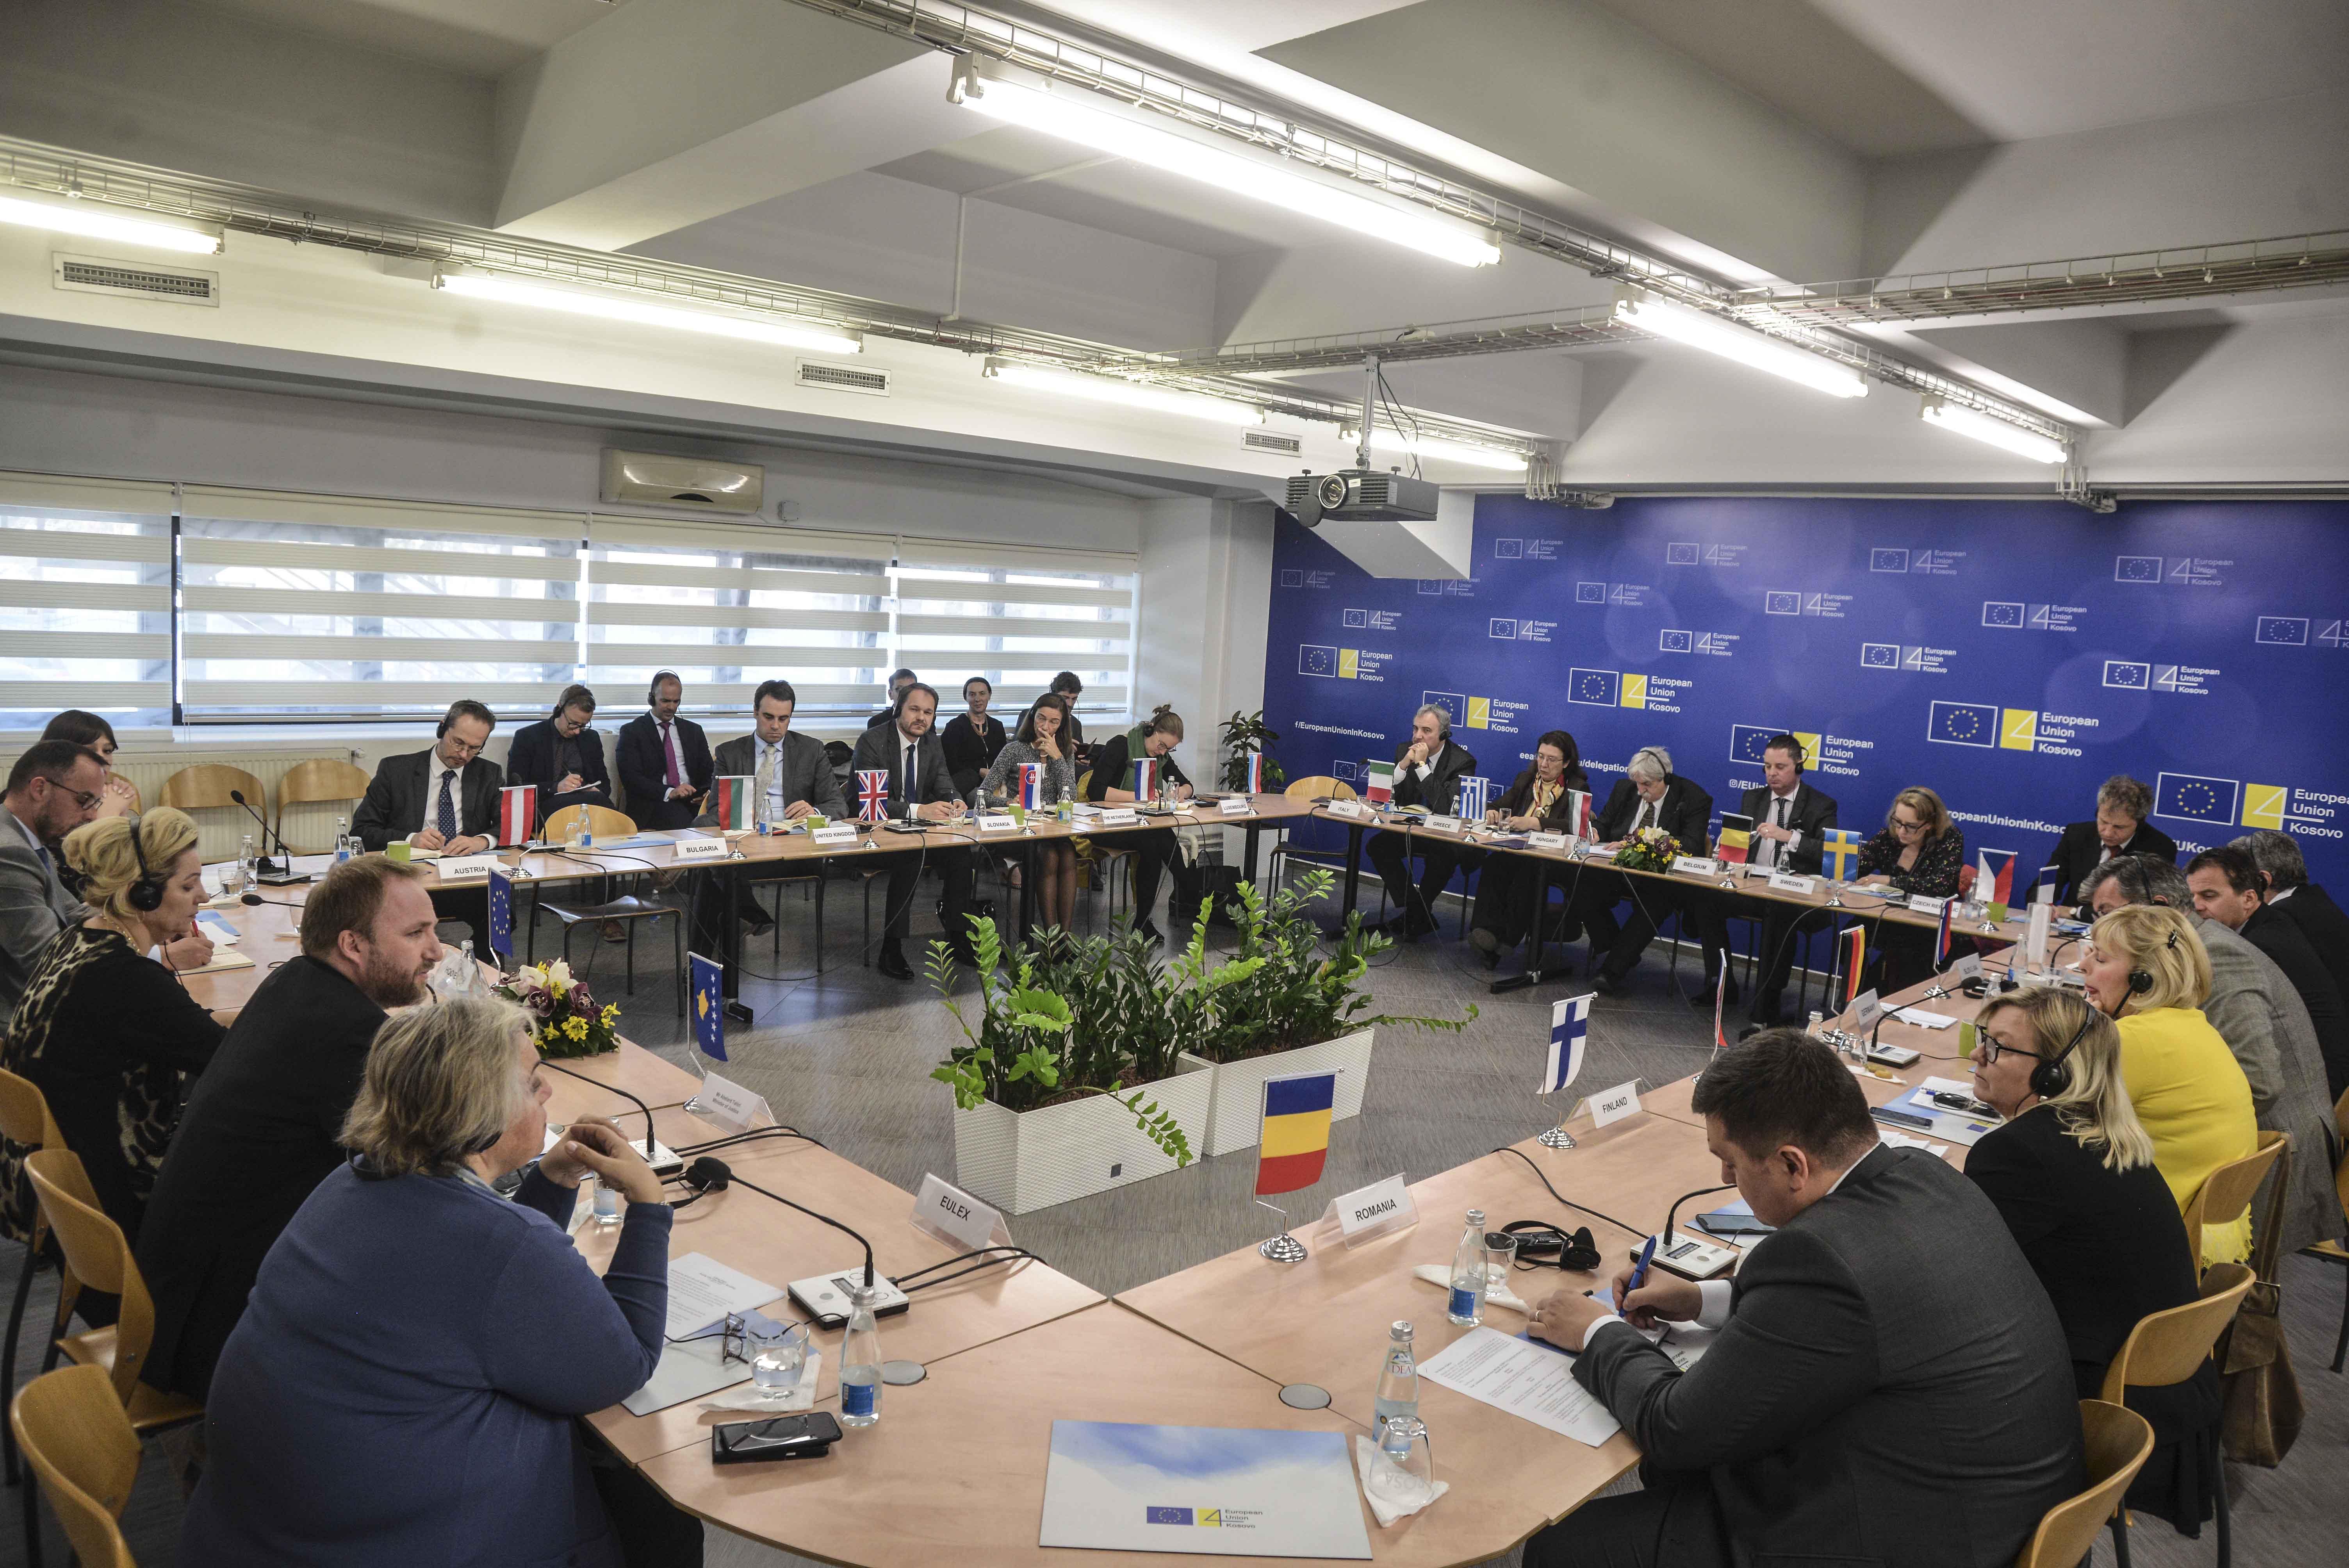 Tahiri u flet ambasadorëve të BE së për zhvillimet në sundimin e ligjit